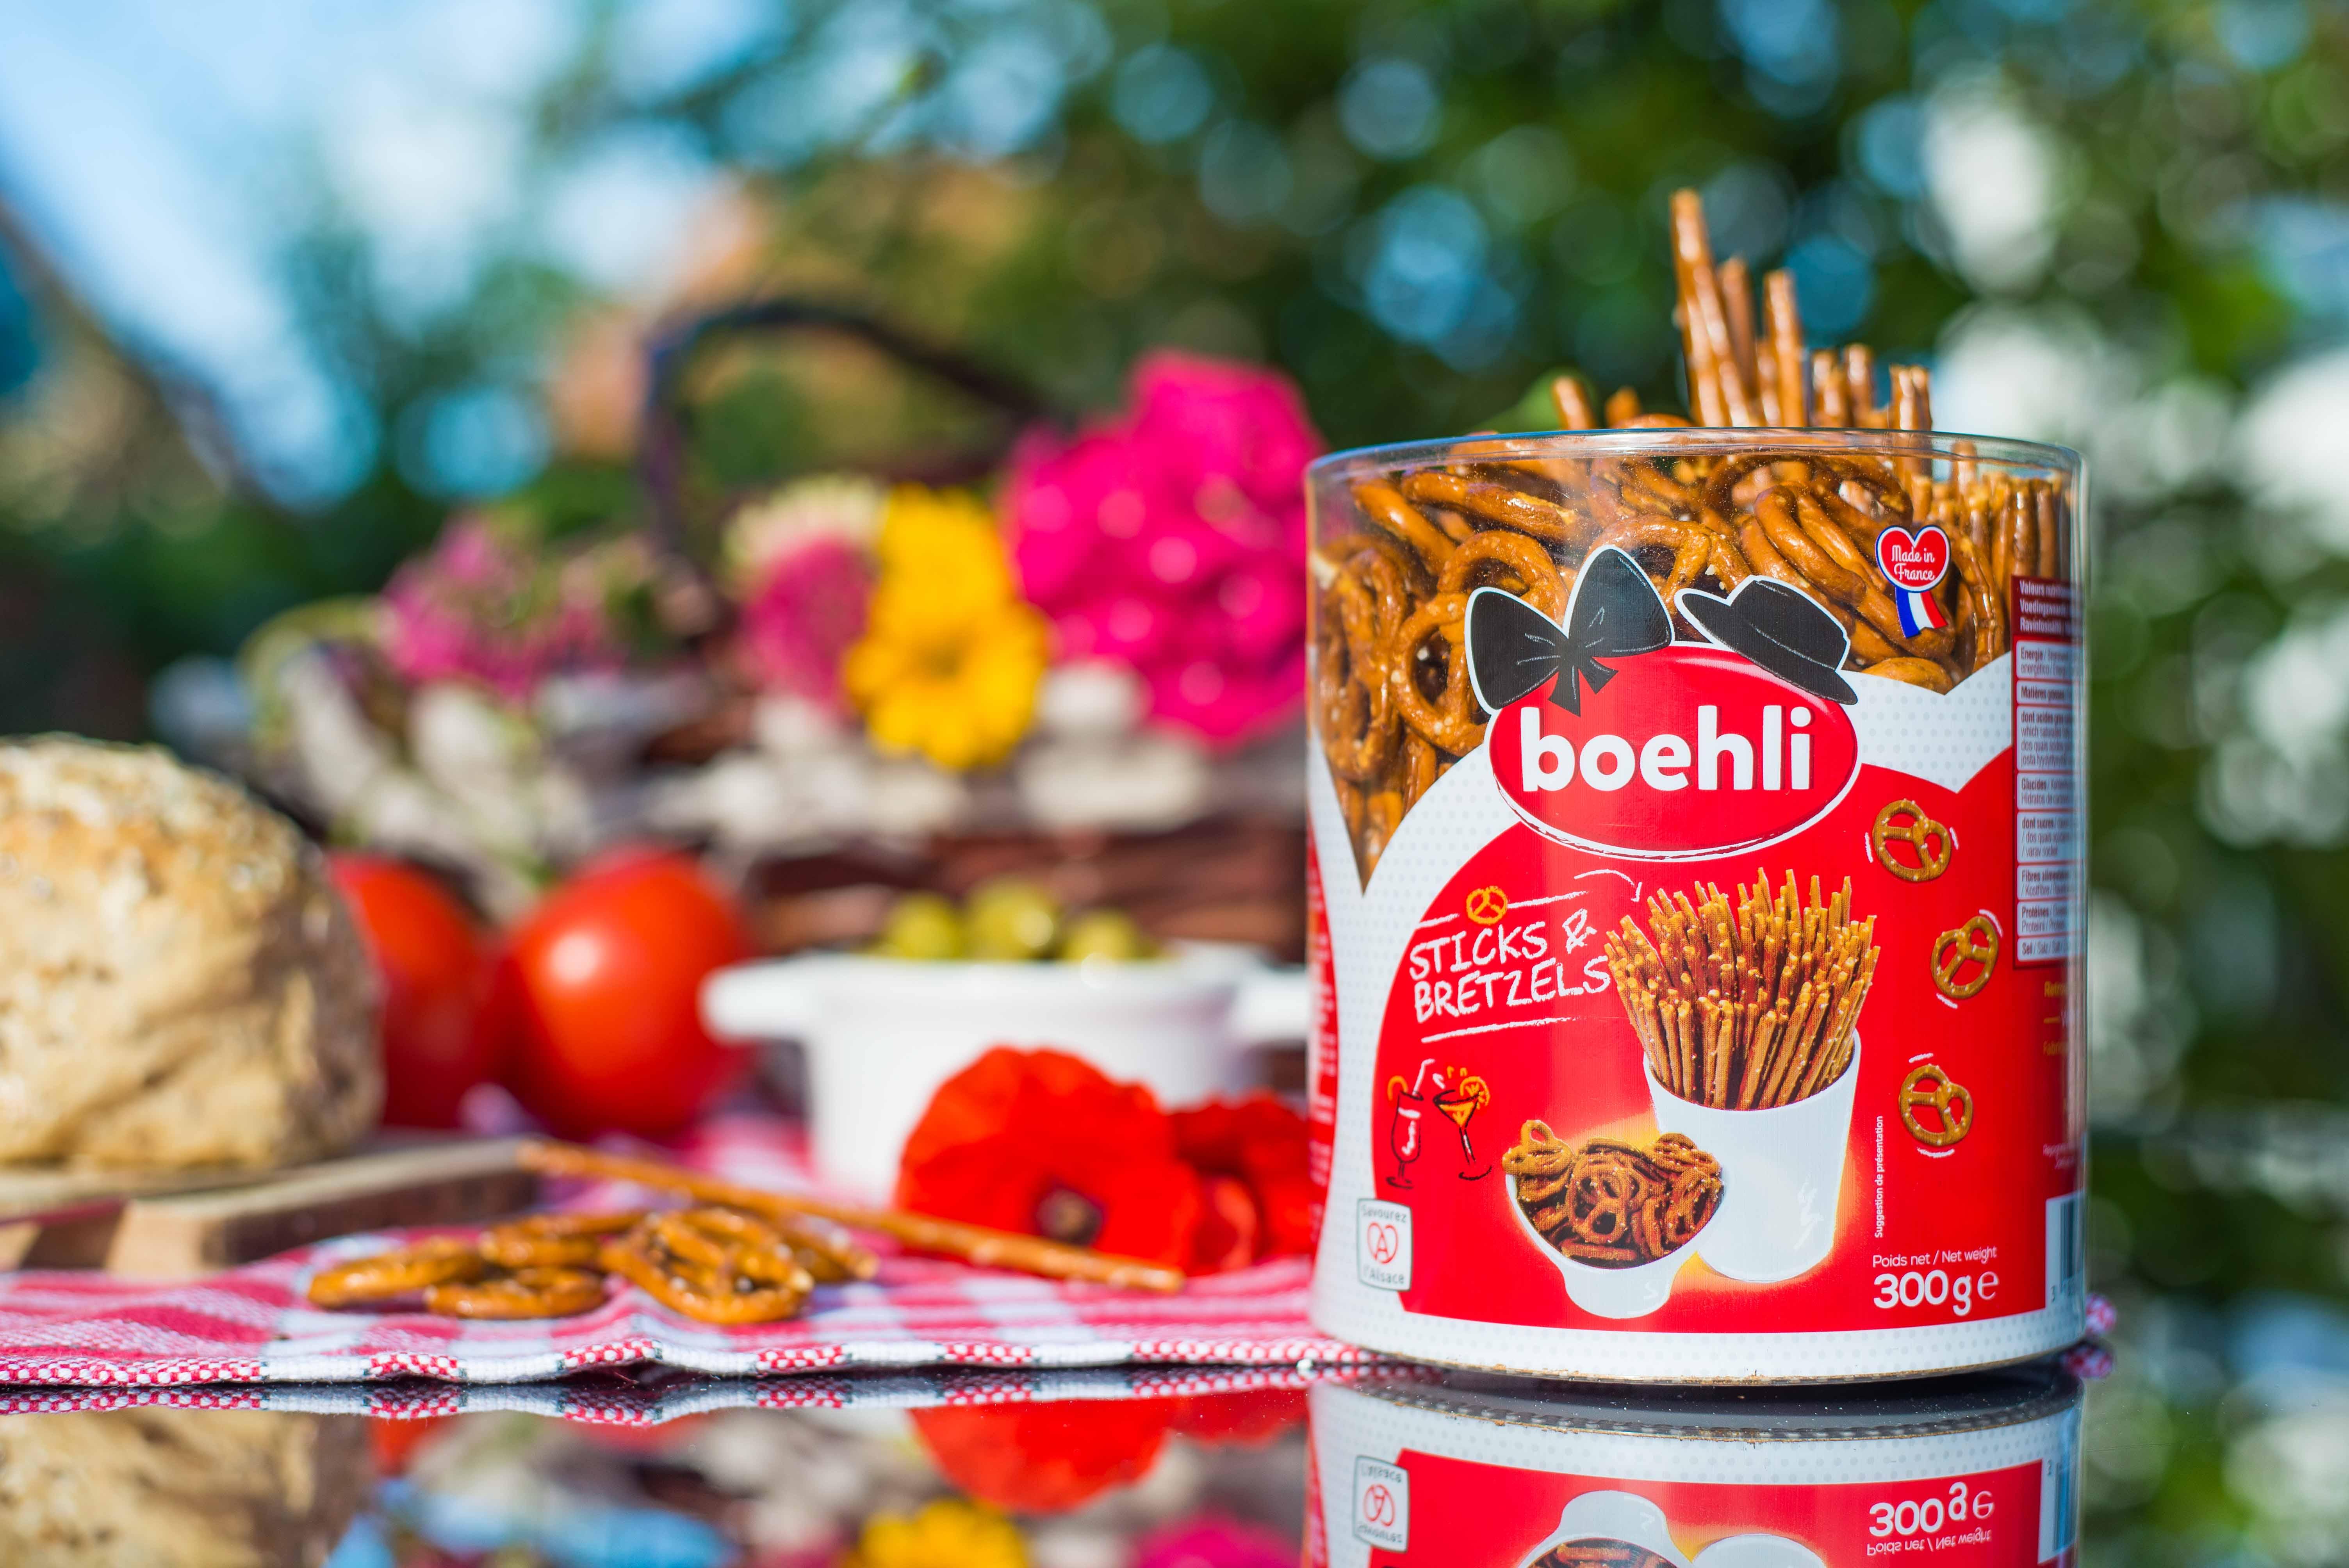 Boehli